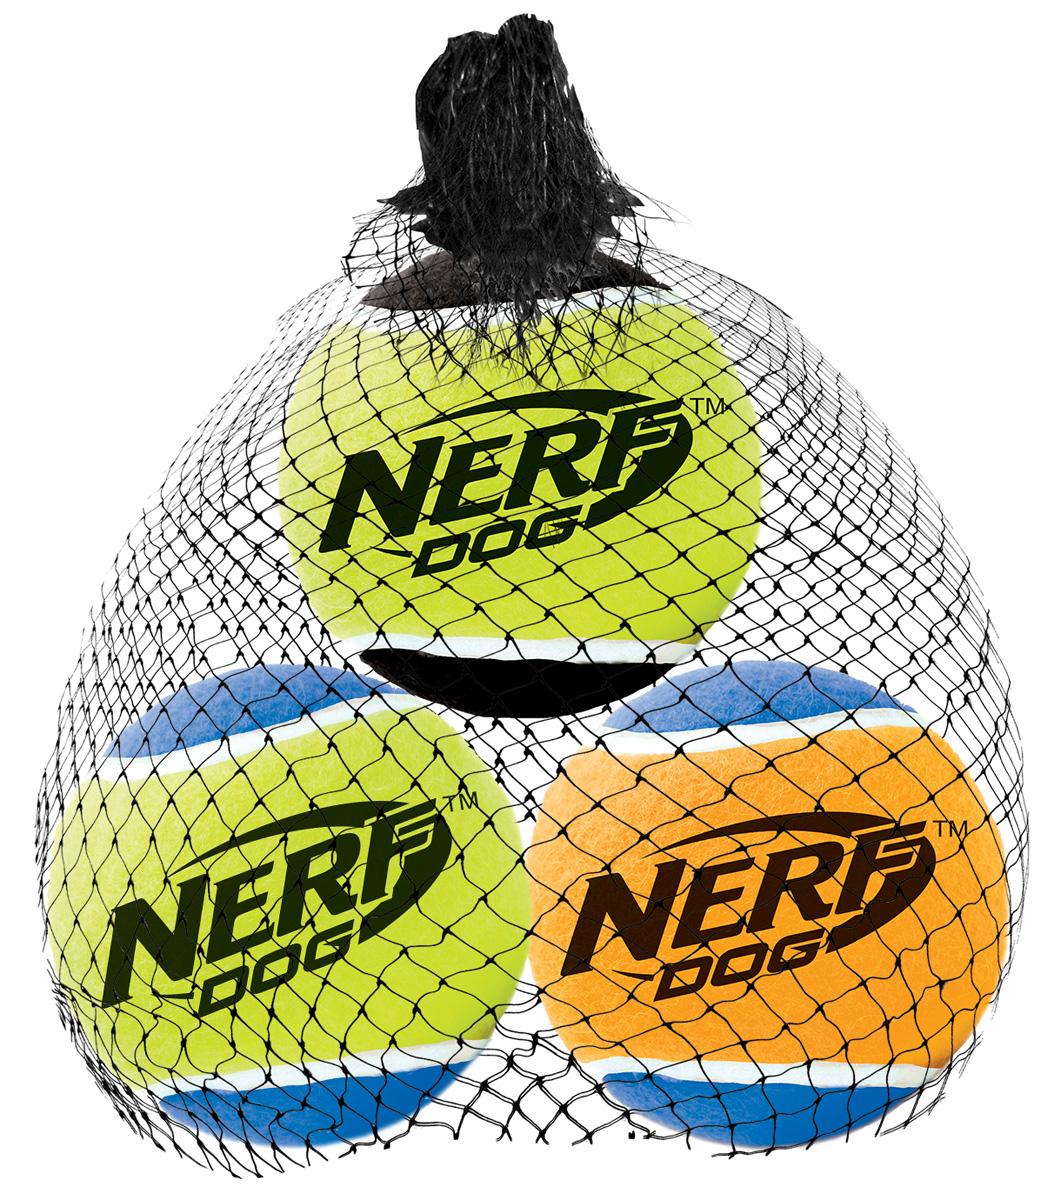 Игрушка для собак Nerf Мяч теннисный, с пищалкой, диаметр 6 см, 3 шт18654Мячи теннисные Nerf выполнены из прочной высококачественной резины.Подходят для бластера NerfDog Tennis Ball Blaster.Мячи оснащены пищалкой.Яркие привлекательные цвета.Оптимальный вариант для игры с вашим питомцем.Размер M: 6 см.